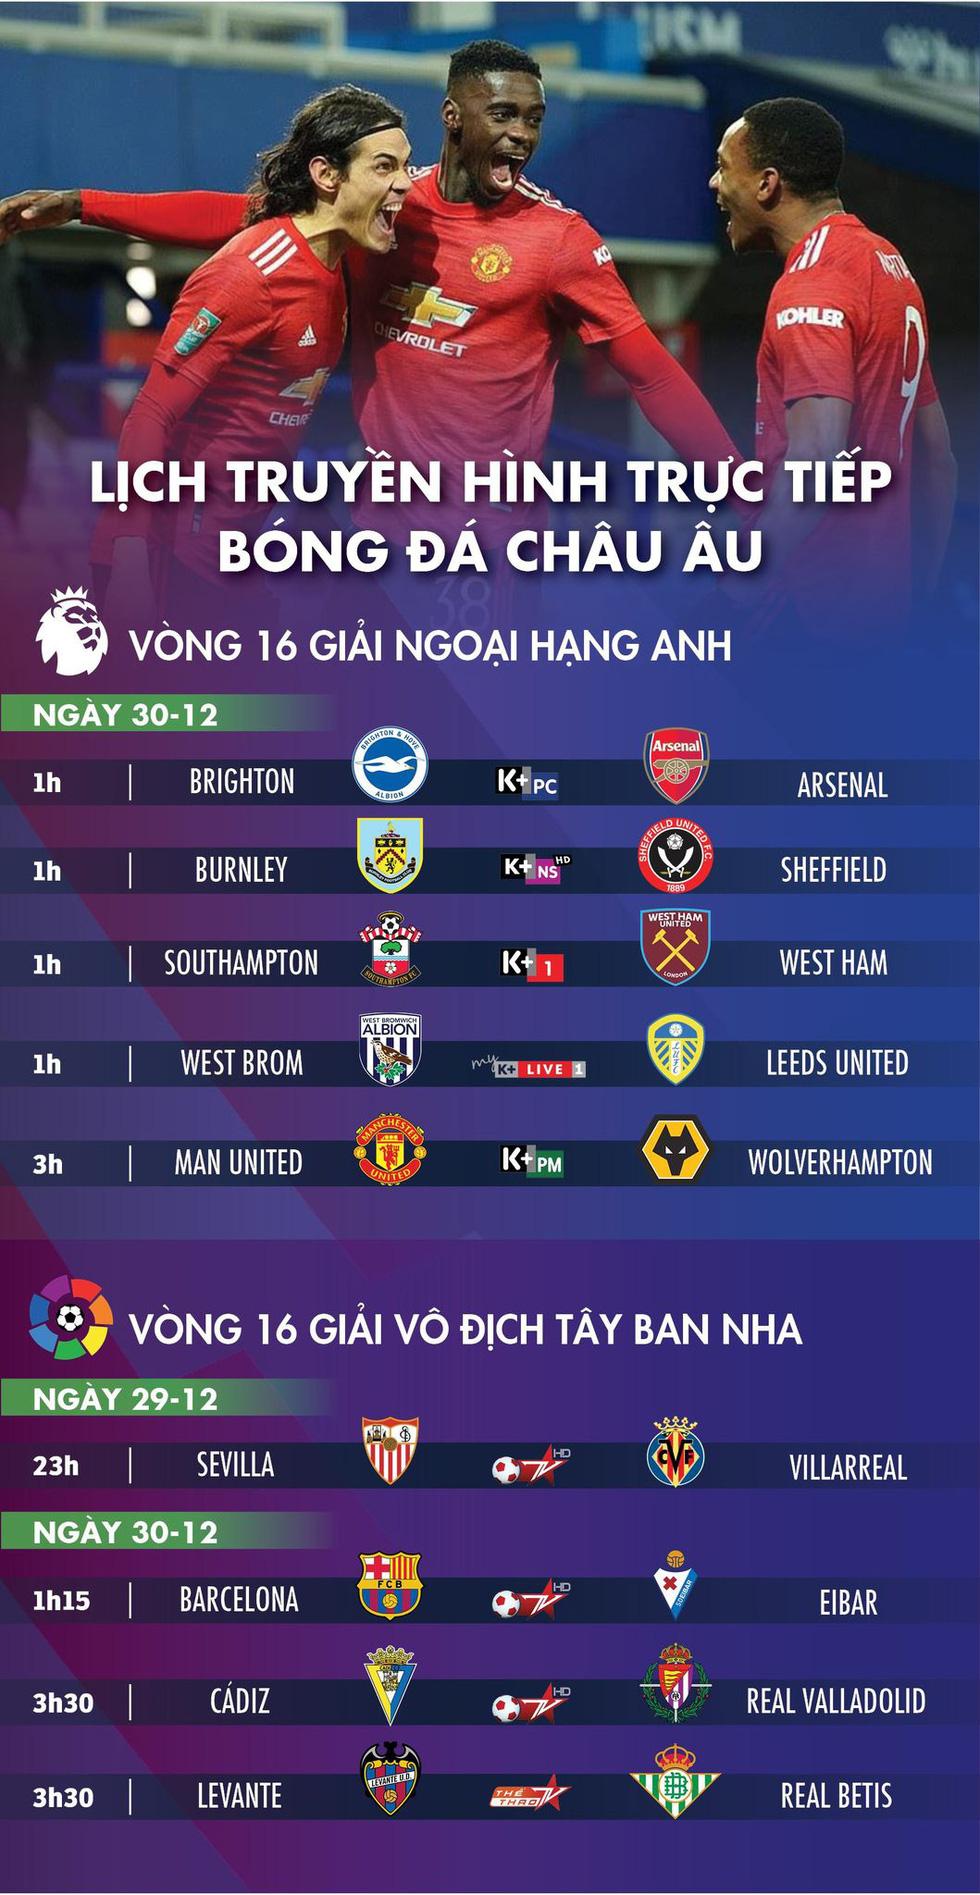 Lịch trực tiếp bóng đá châu Âu: Man United, Arsenal, Barca thi đấu - Ảnh 1.